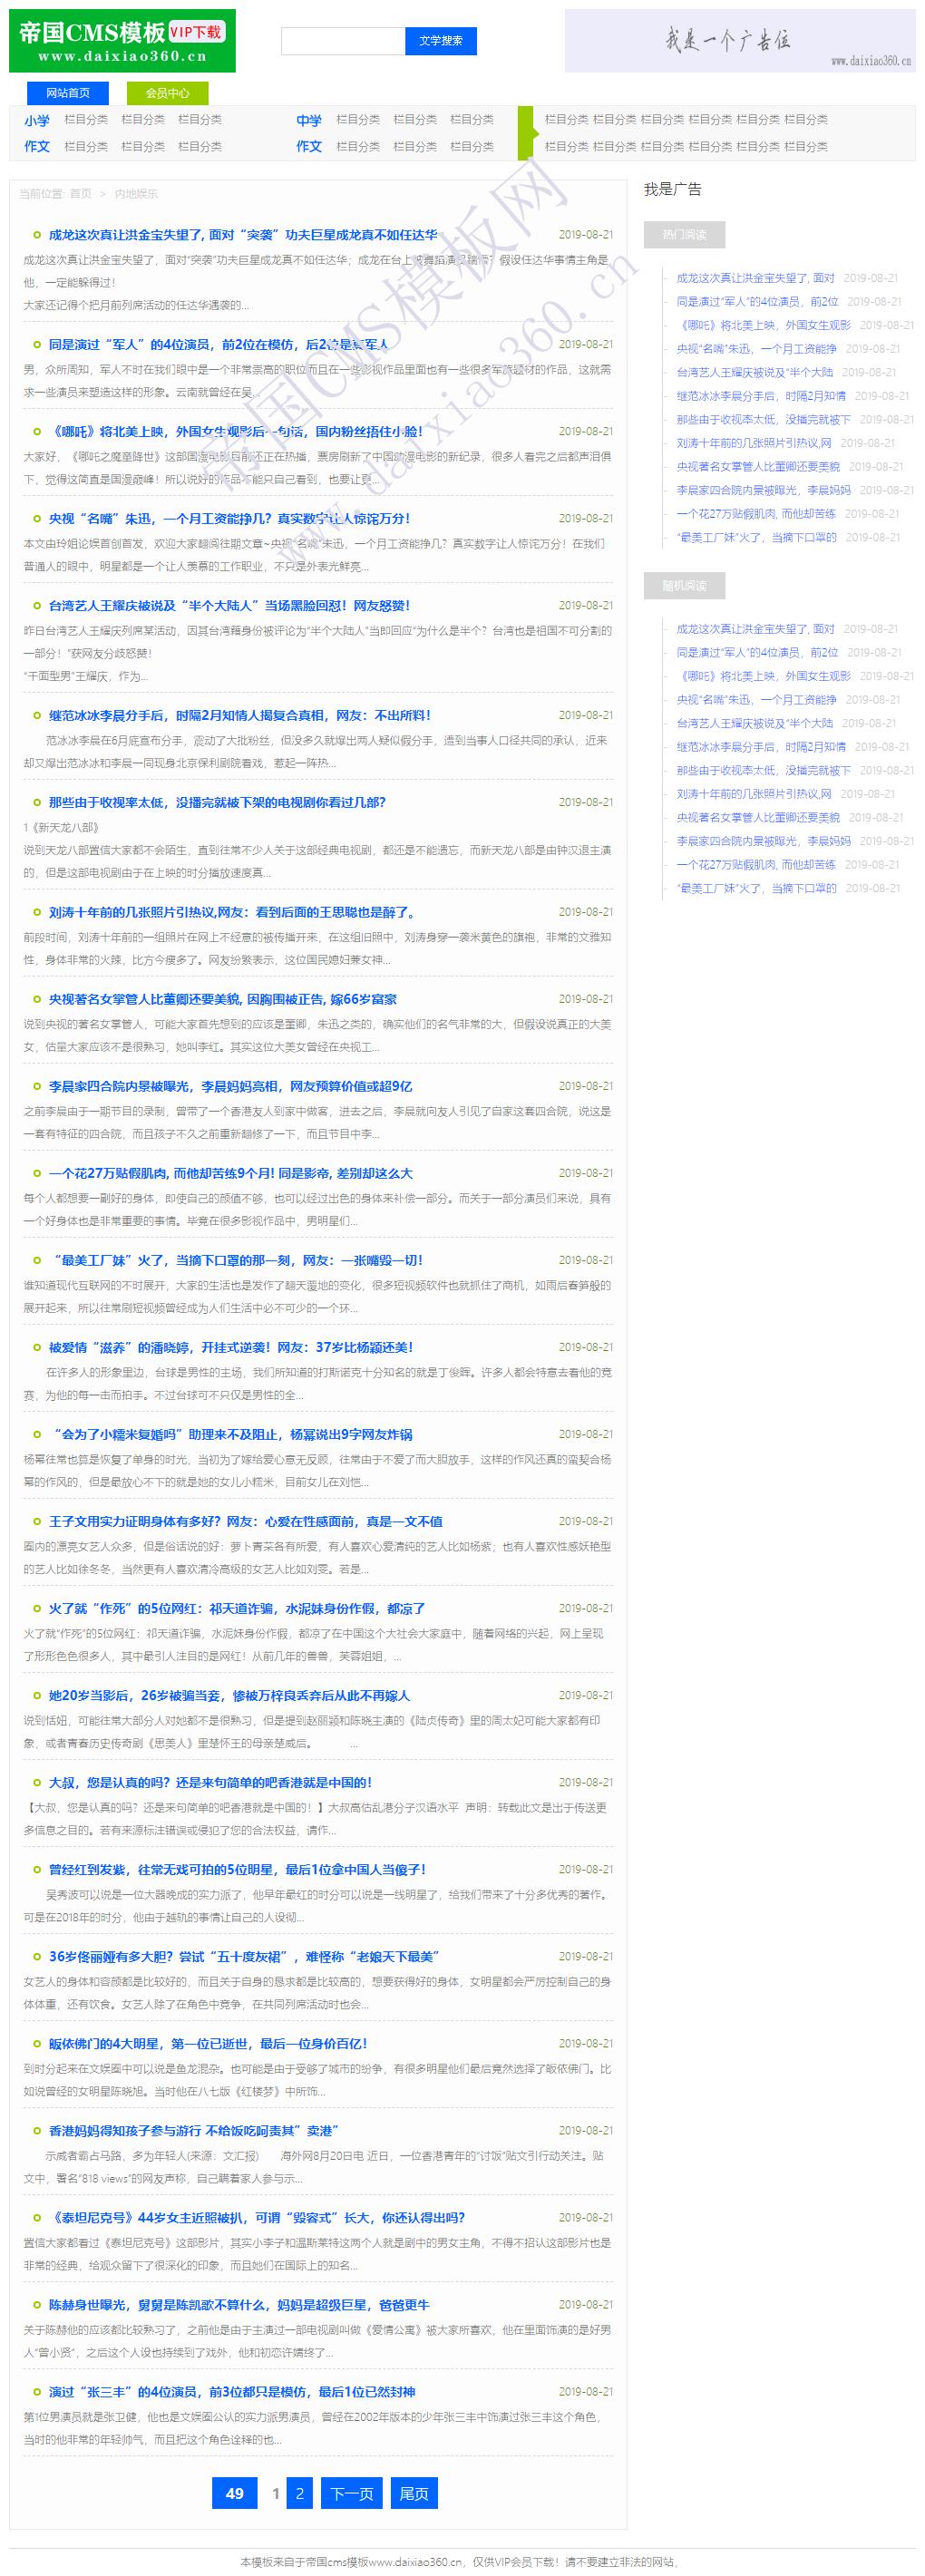 帝国cms作文网站模板下载-内容页